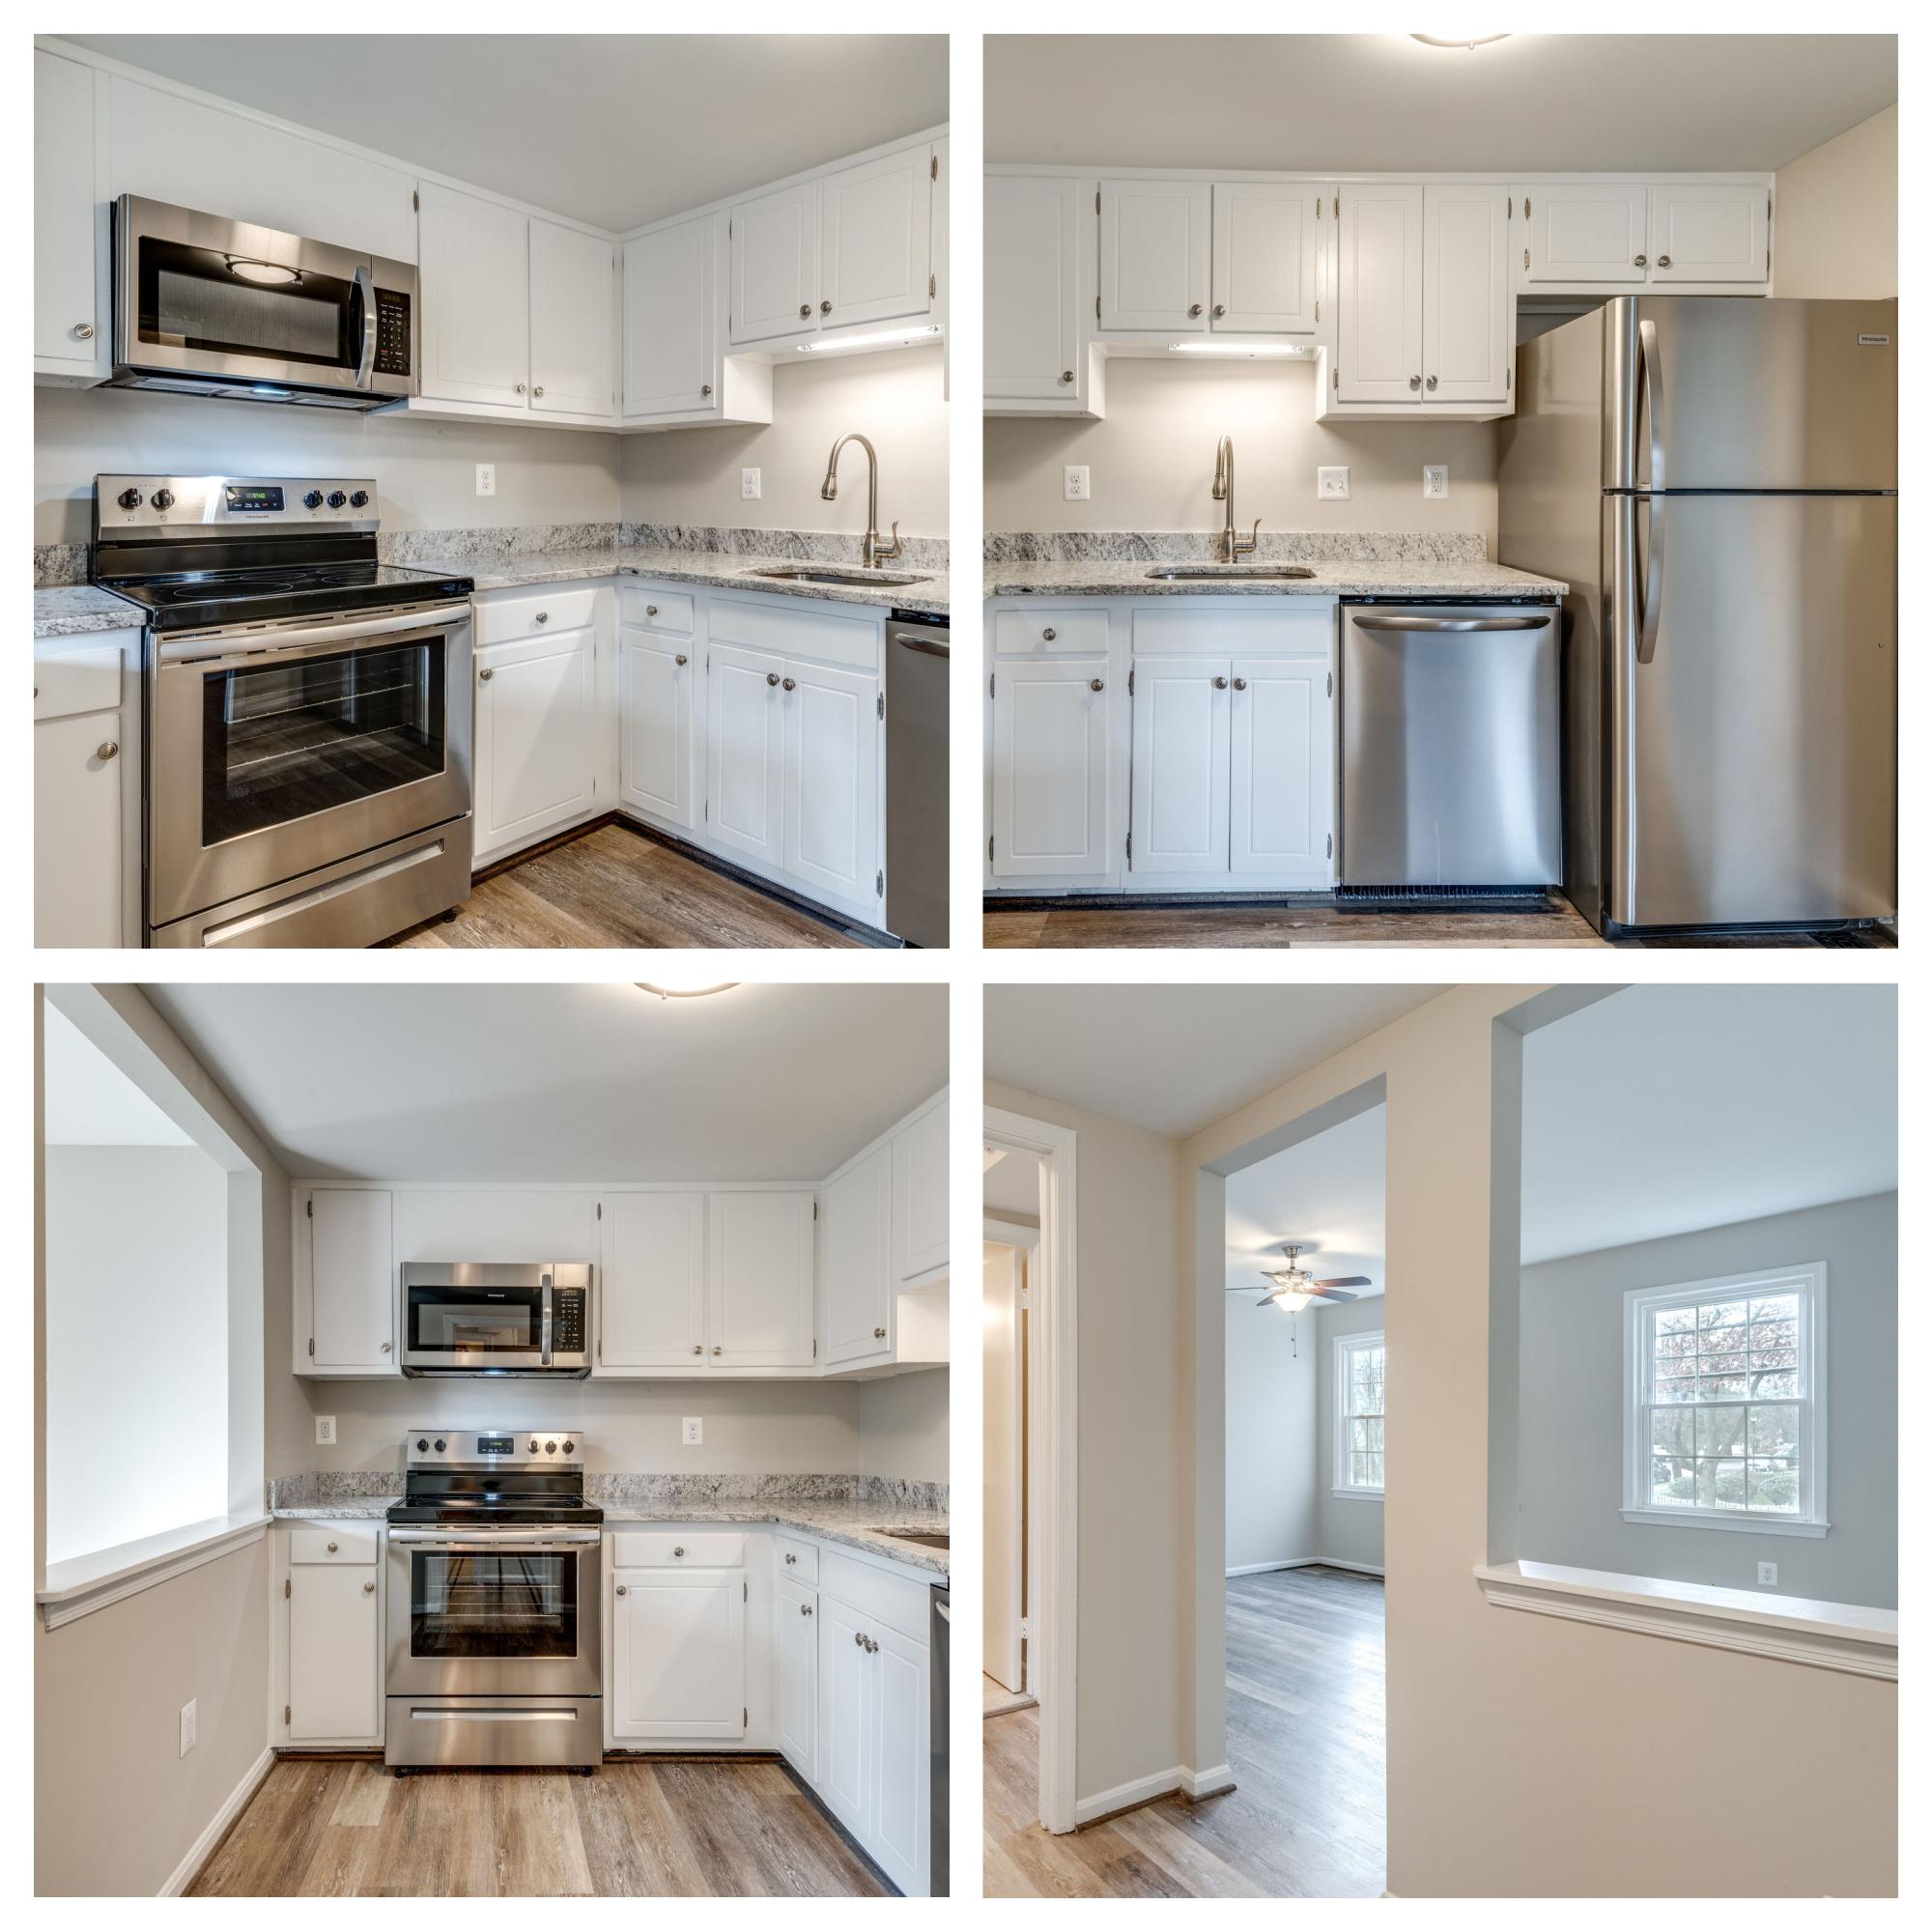 403 Maple Ct, Herndon- Kitchen